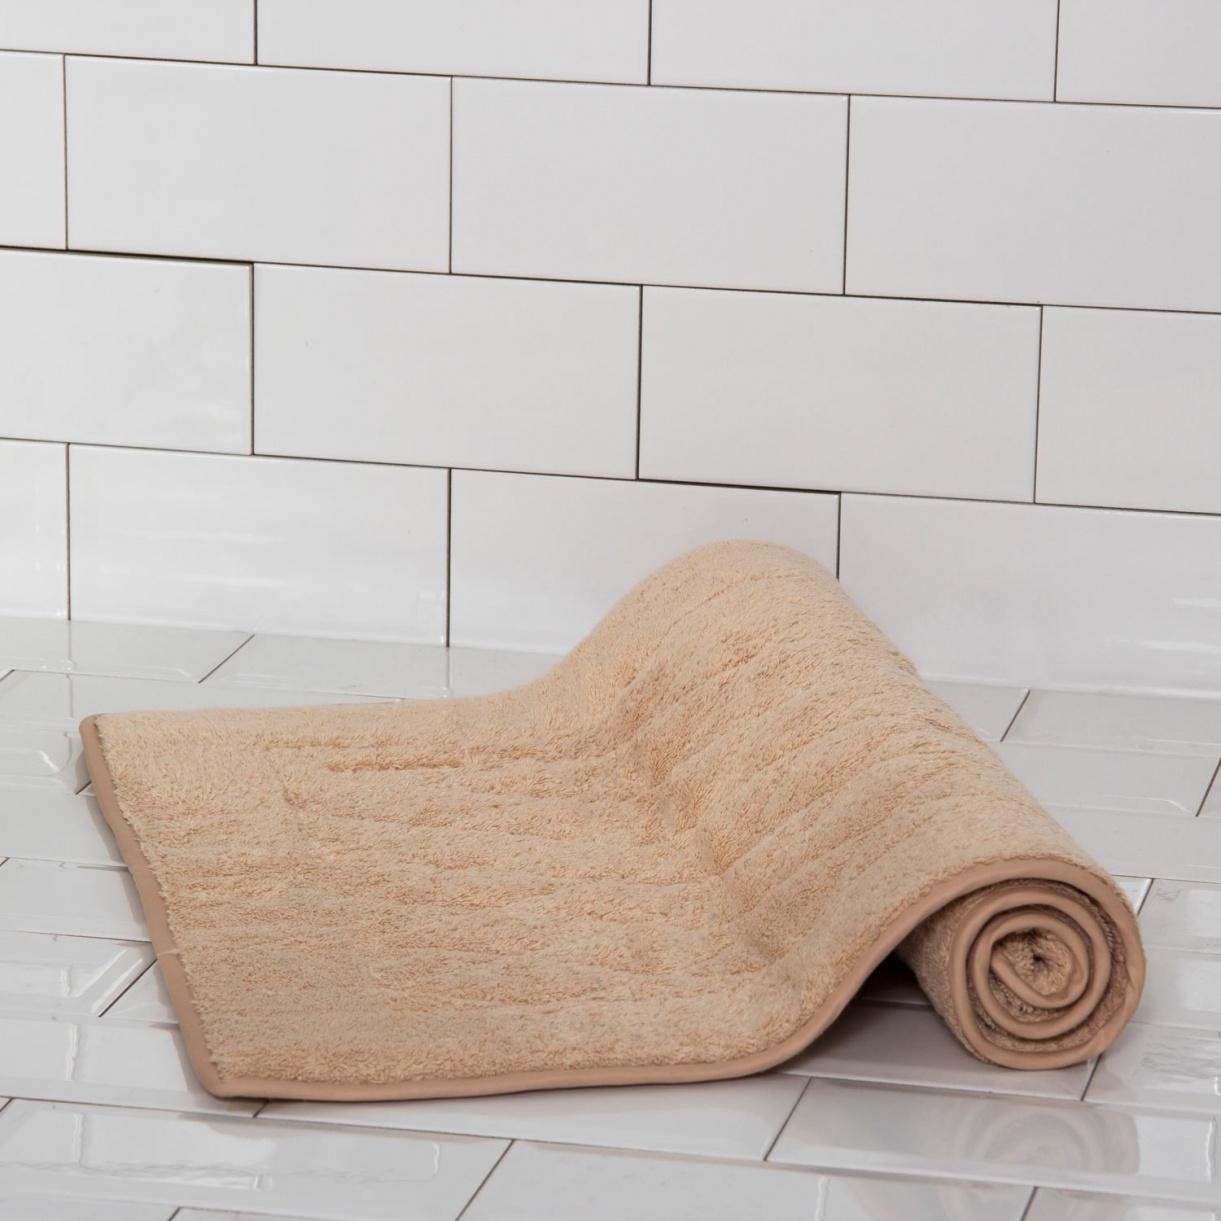 Коврик для ванной комнаты 54X87 см SOLID TOWEL Frette  –  Общий вид